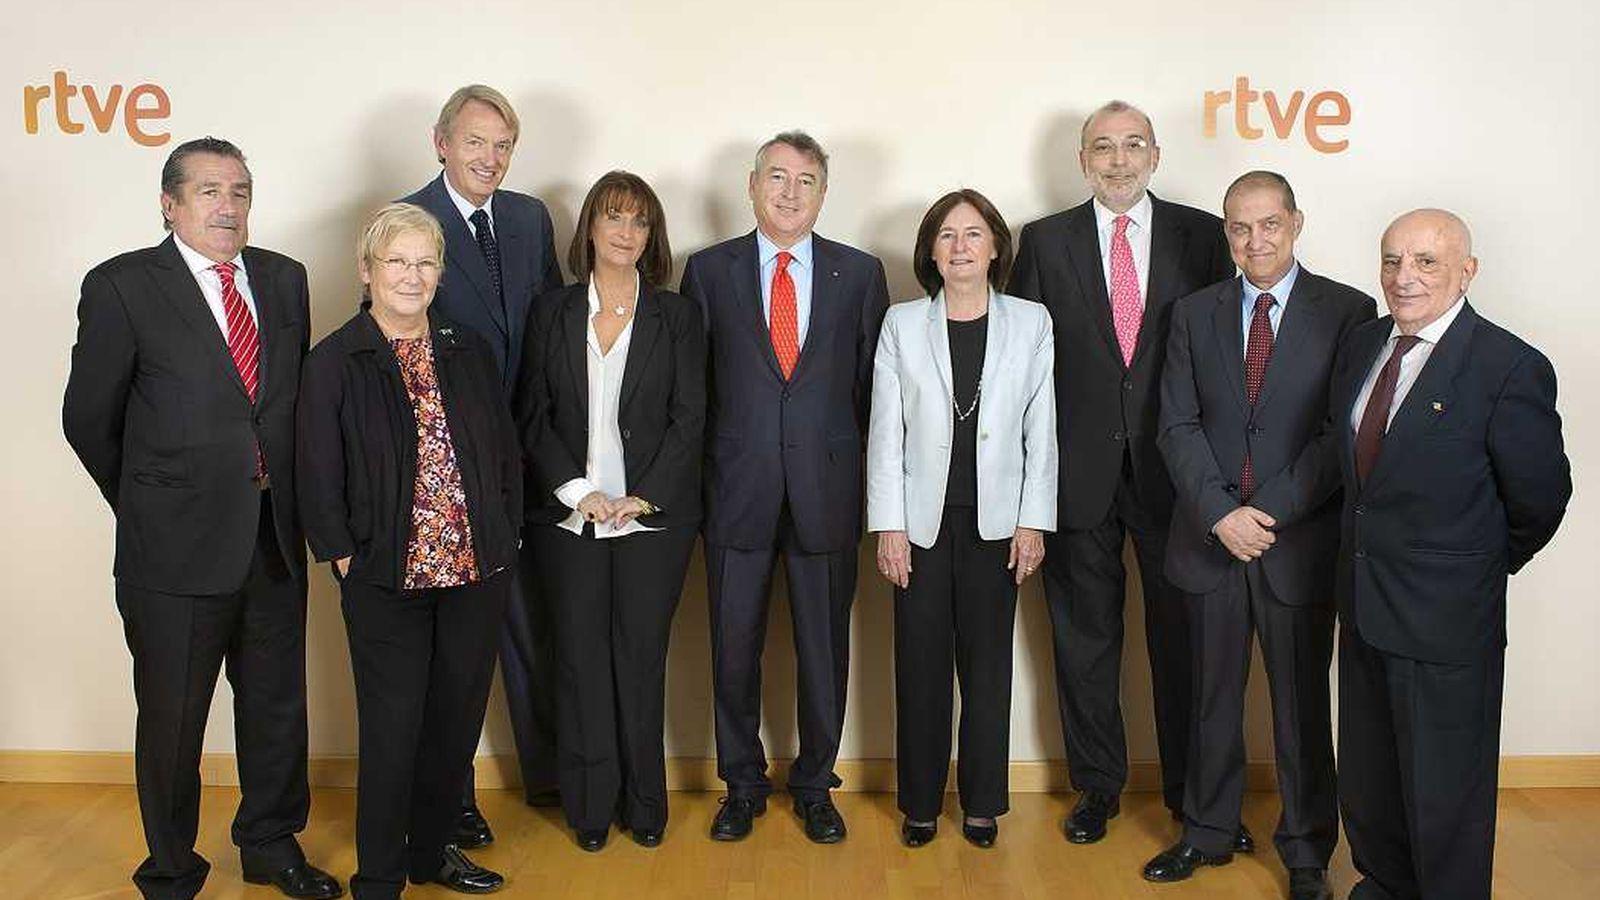 Foto: Foto de la actual composición del Consejo de Administración de RTVE con José Antonio Sánchez en el centro (RTVE)